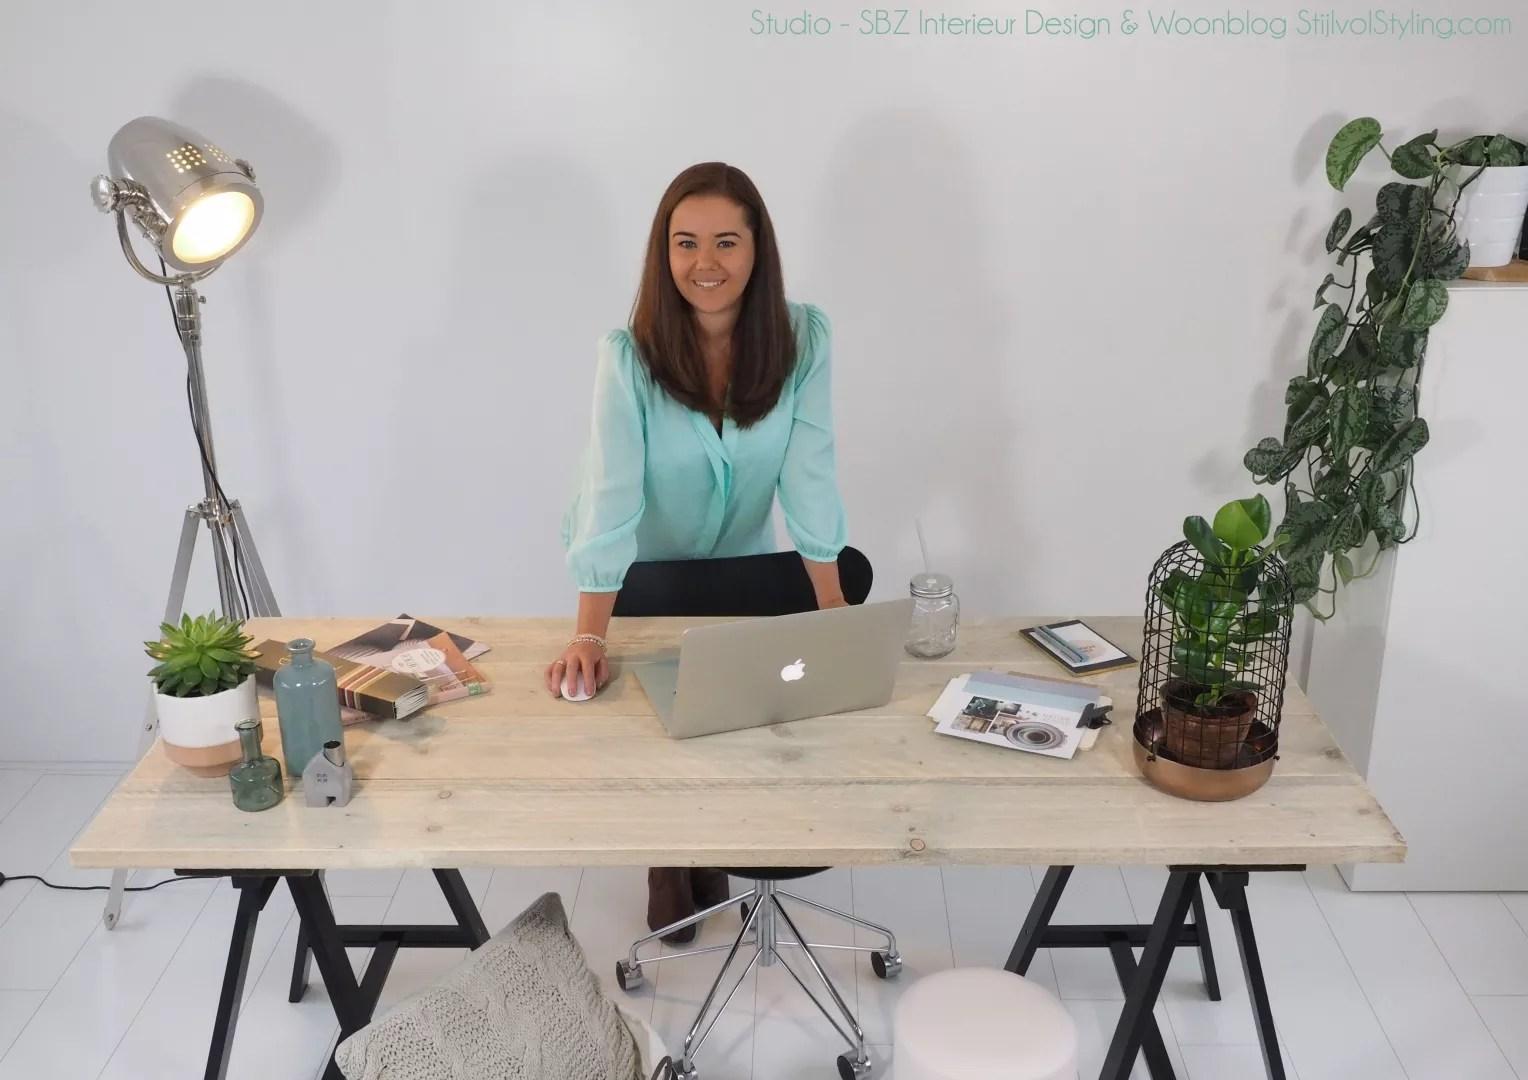 Studio SBZ Interieur Design & Woonblog StijlvolStyling.com (Stijlvol Styling)